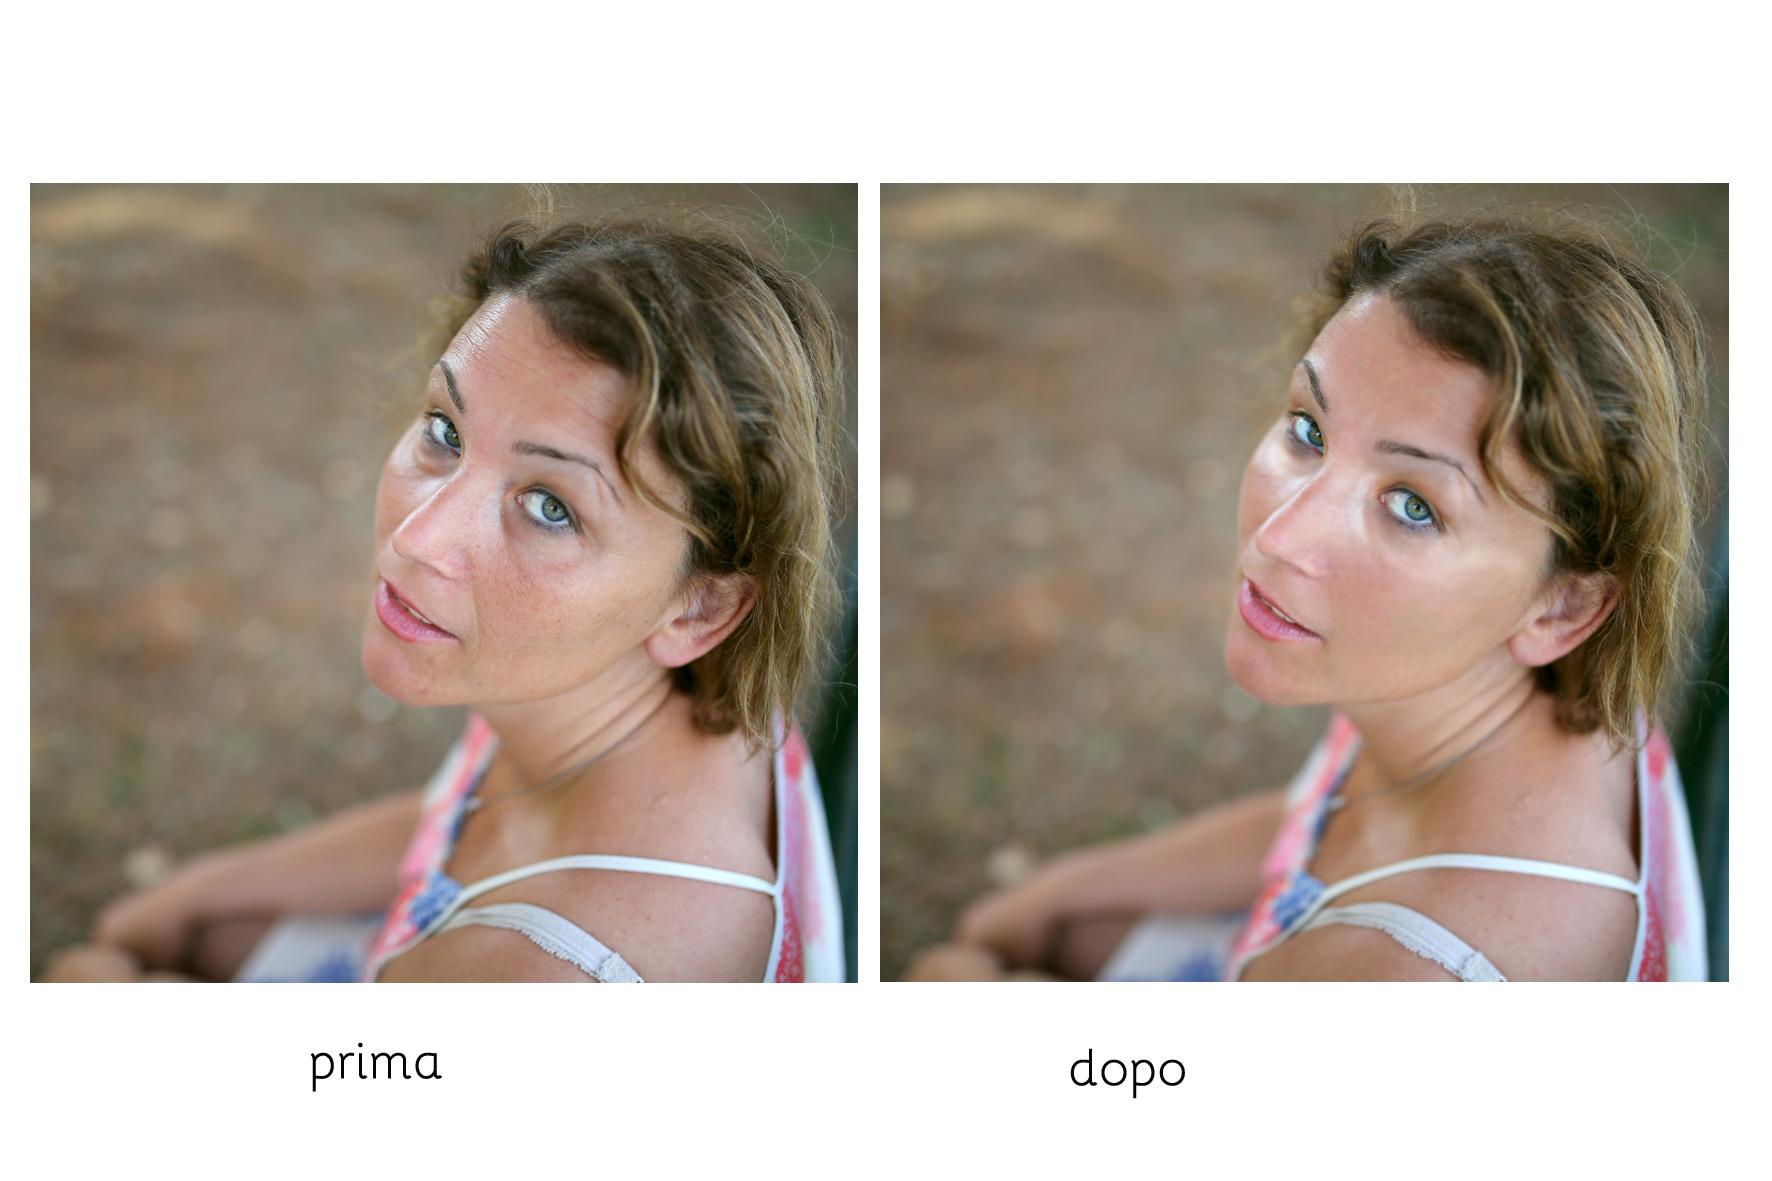 dani_pre-post_1